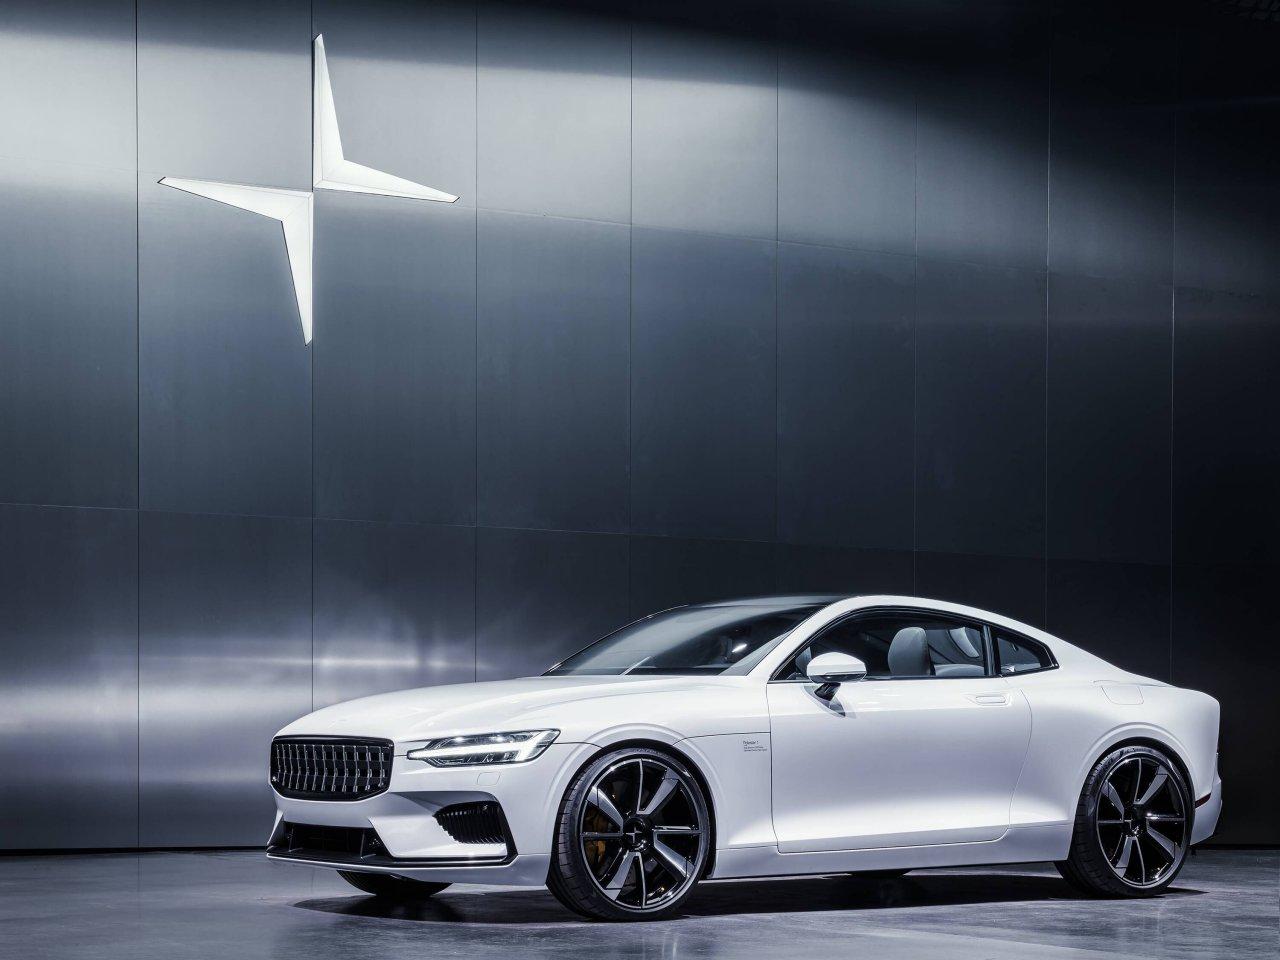 Polestar, Polestar's art for auto deal: Got art? Get a car, ClassicCars.com Journal